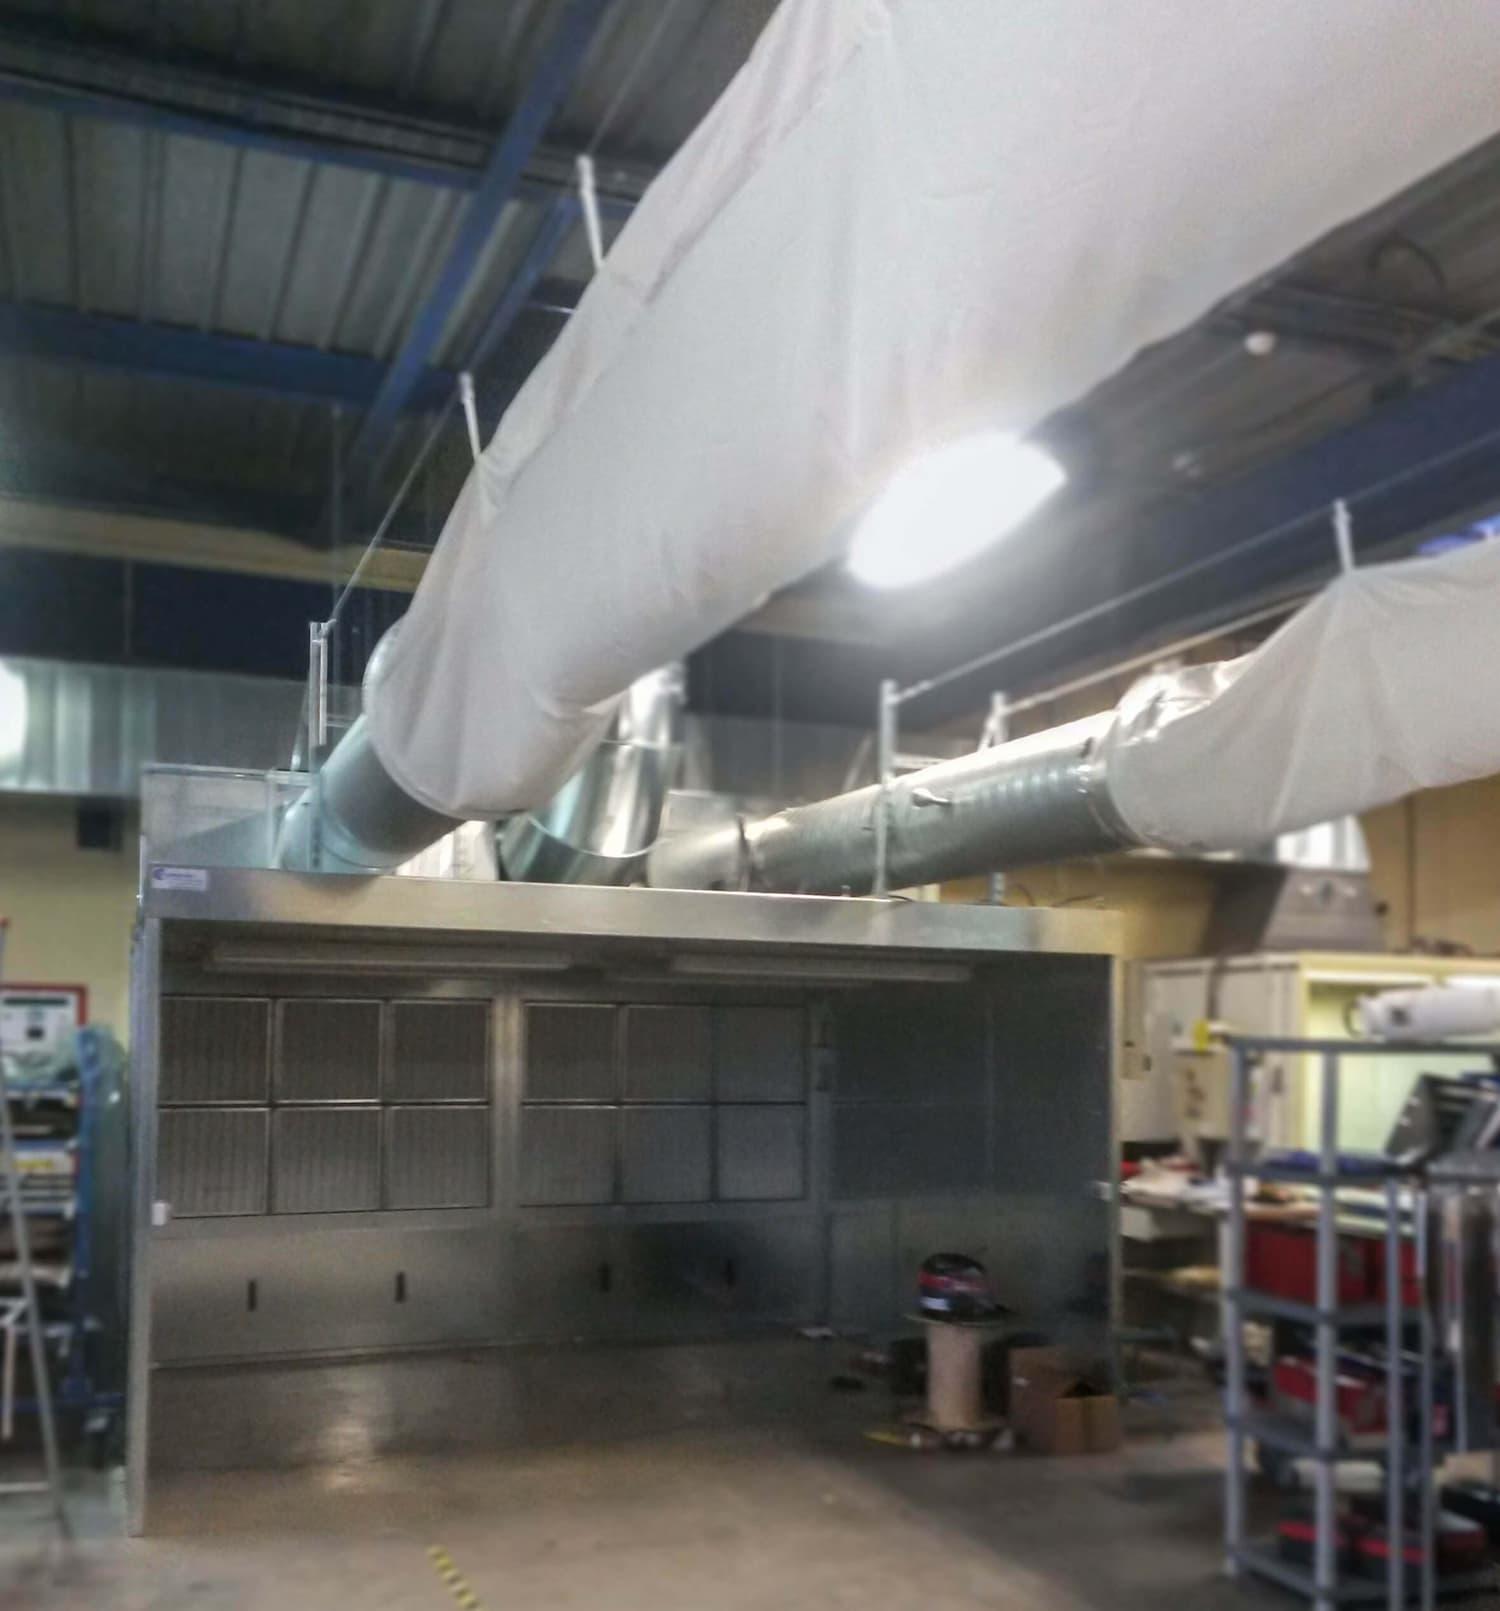 Cabine aspirante pour aspiration poussière issue de la découpe de panneau en composite d'un sous-traitant aéronautique. Système bypass pour rejet air propre à l'extérieur ou rejet dans l'atelier par l'intermédiaire de gaine textile.